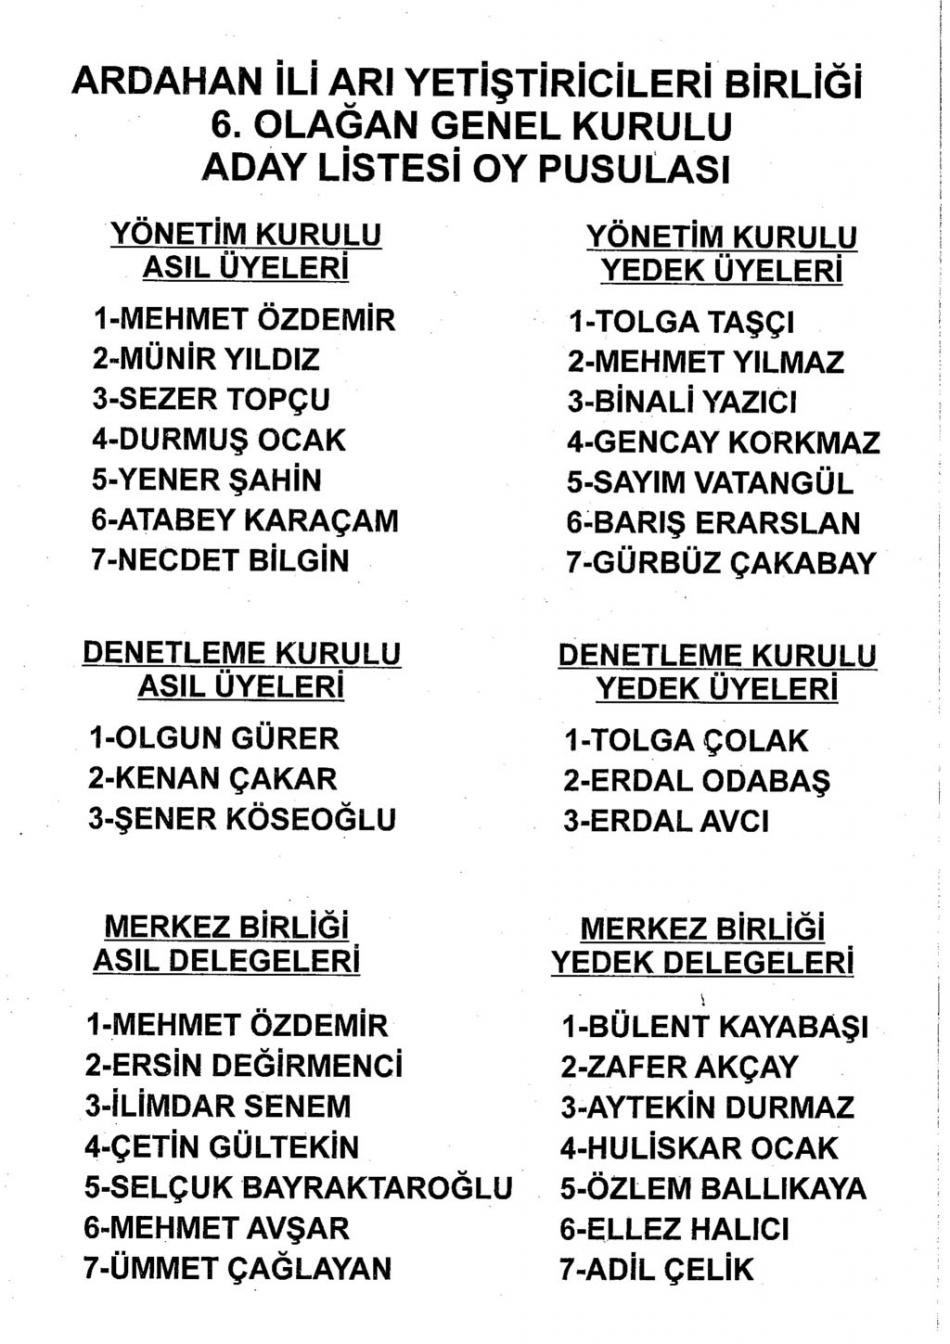 2021/07/1627757863_ardahan_aricilar_birligi_ilhan_evliyaoglu-1.jpg